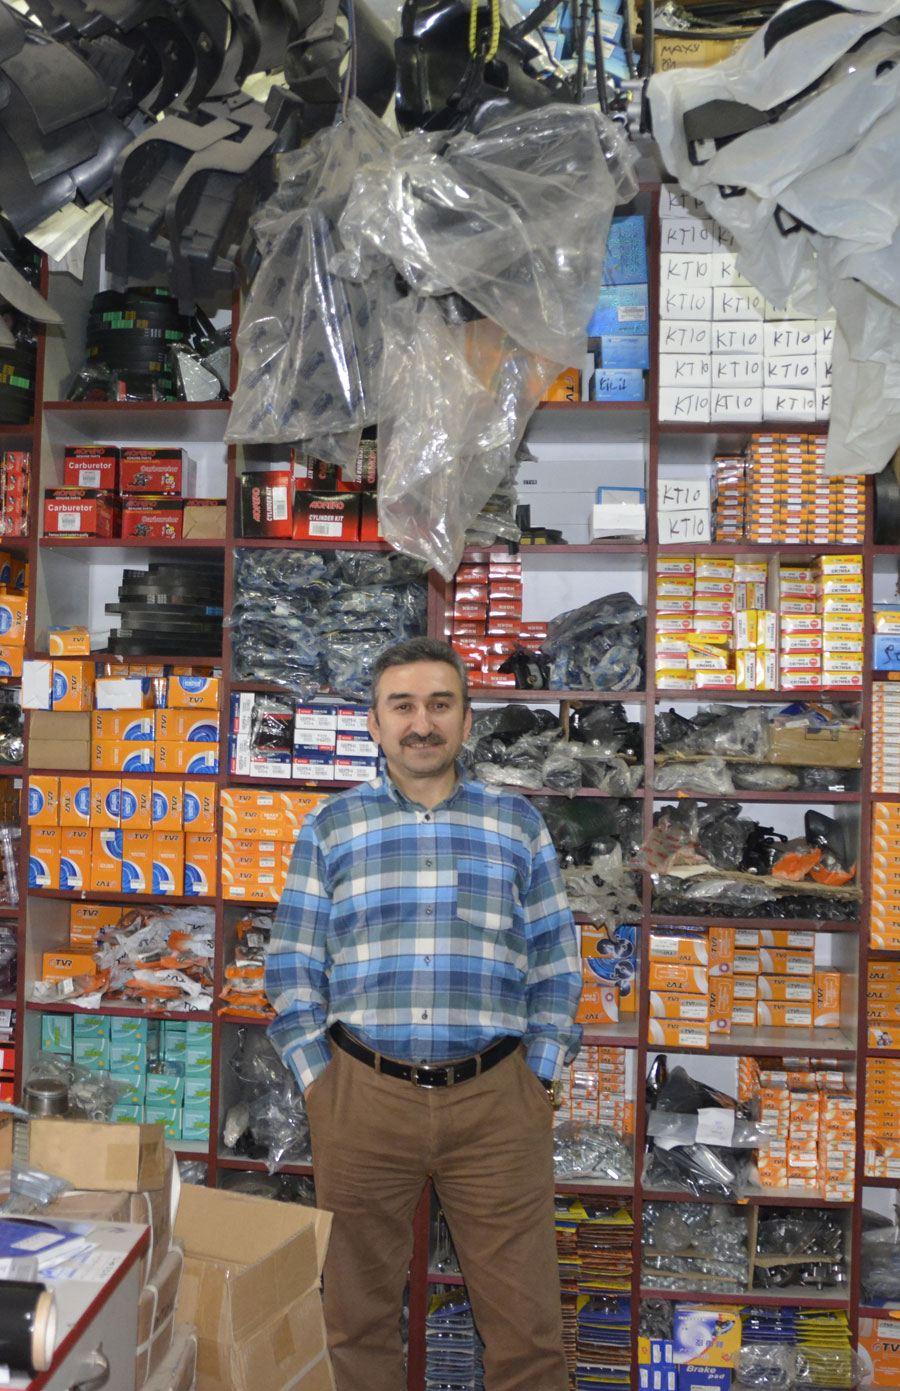 Yaygın Satış Ağı İle Çınarlar Motor Türkiye'nin Her Yerinde 1. İçerik Fotoğrafı